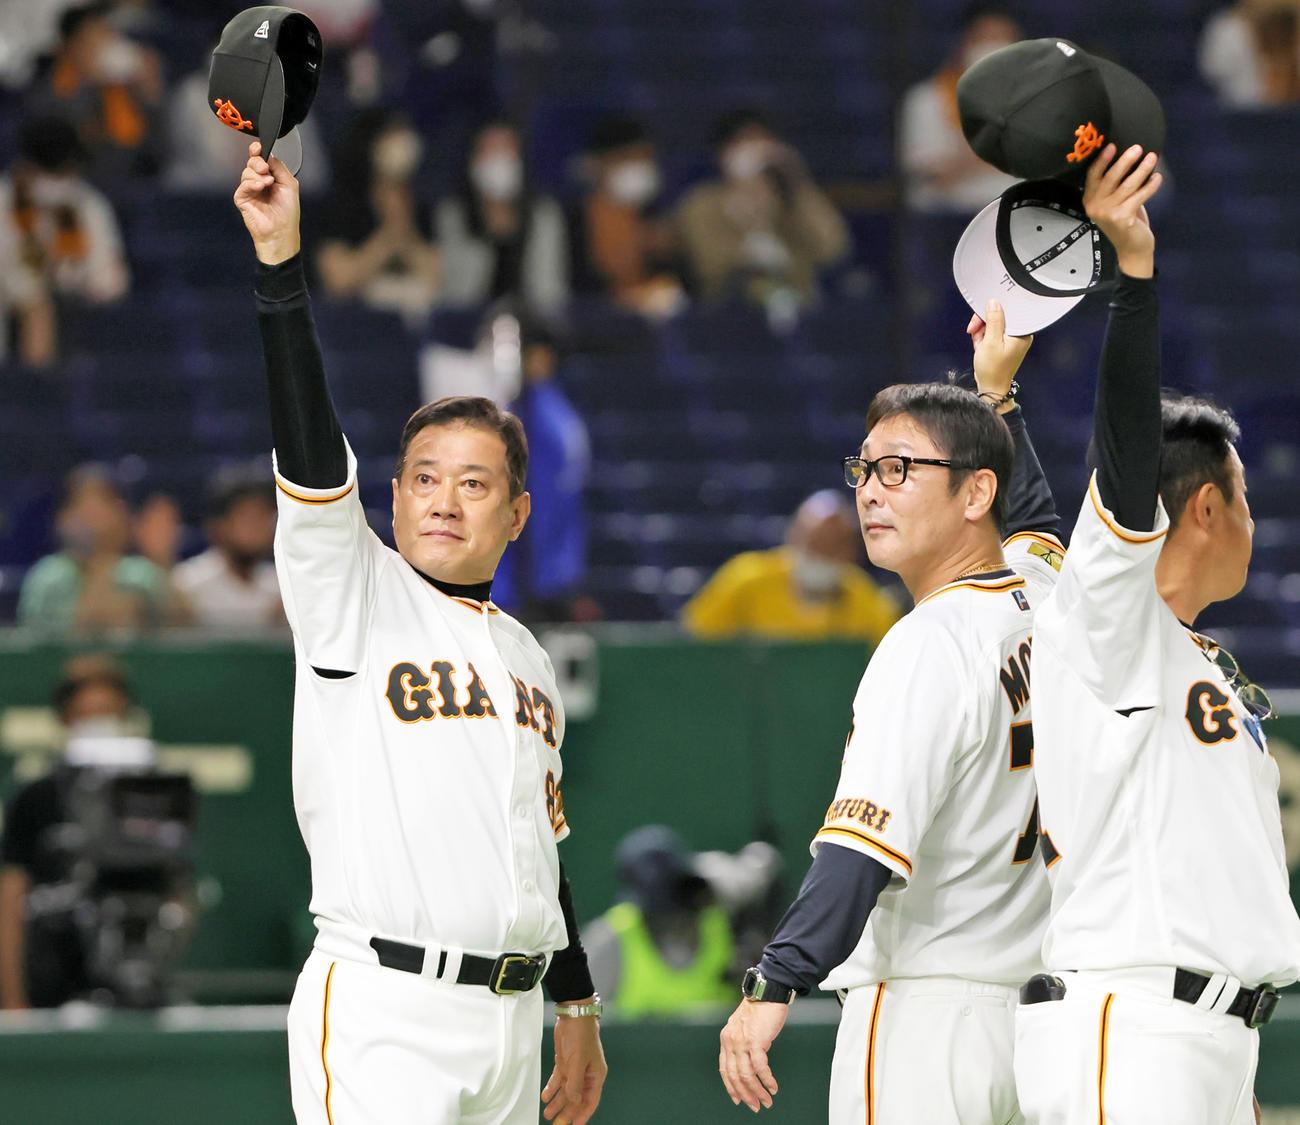 阪神戦に勝利しスタンドに手を振って応える巨人原辰徳監督(左)(撮影・足立雅史)